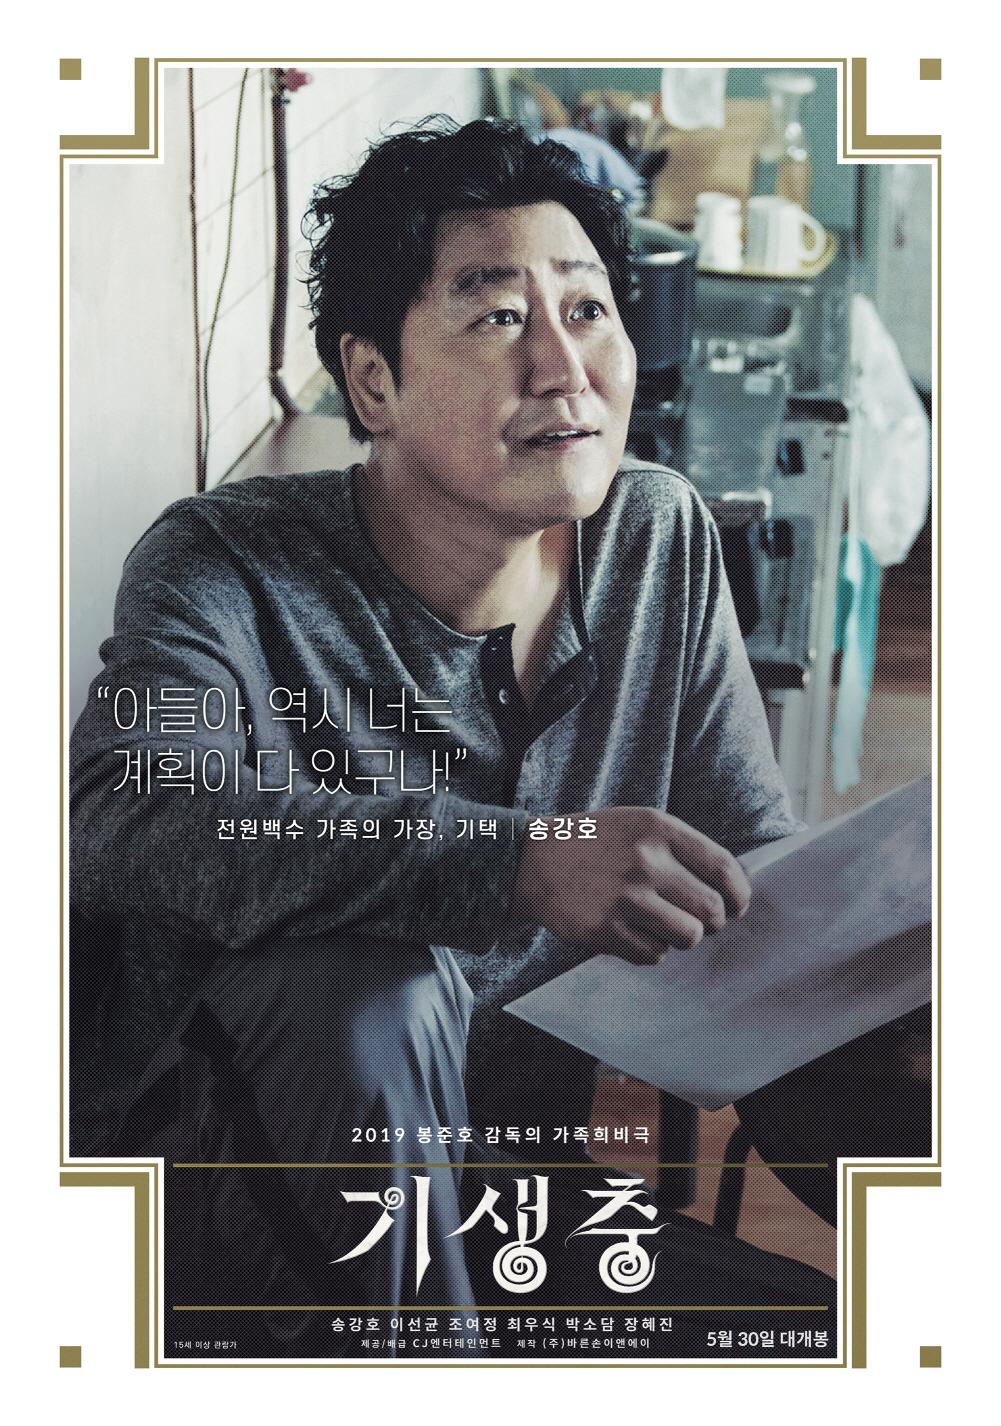 송강호, 제72회 로카르노 국제 영화제 '엑셀런스 어워드' 아시아 배우로는 최초 수상 확정!